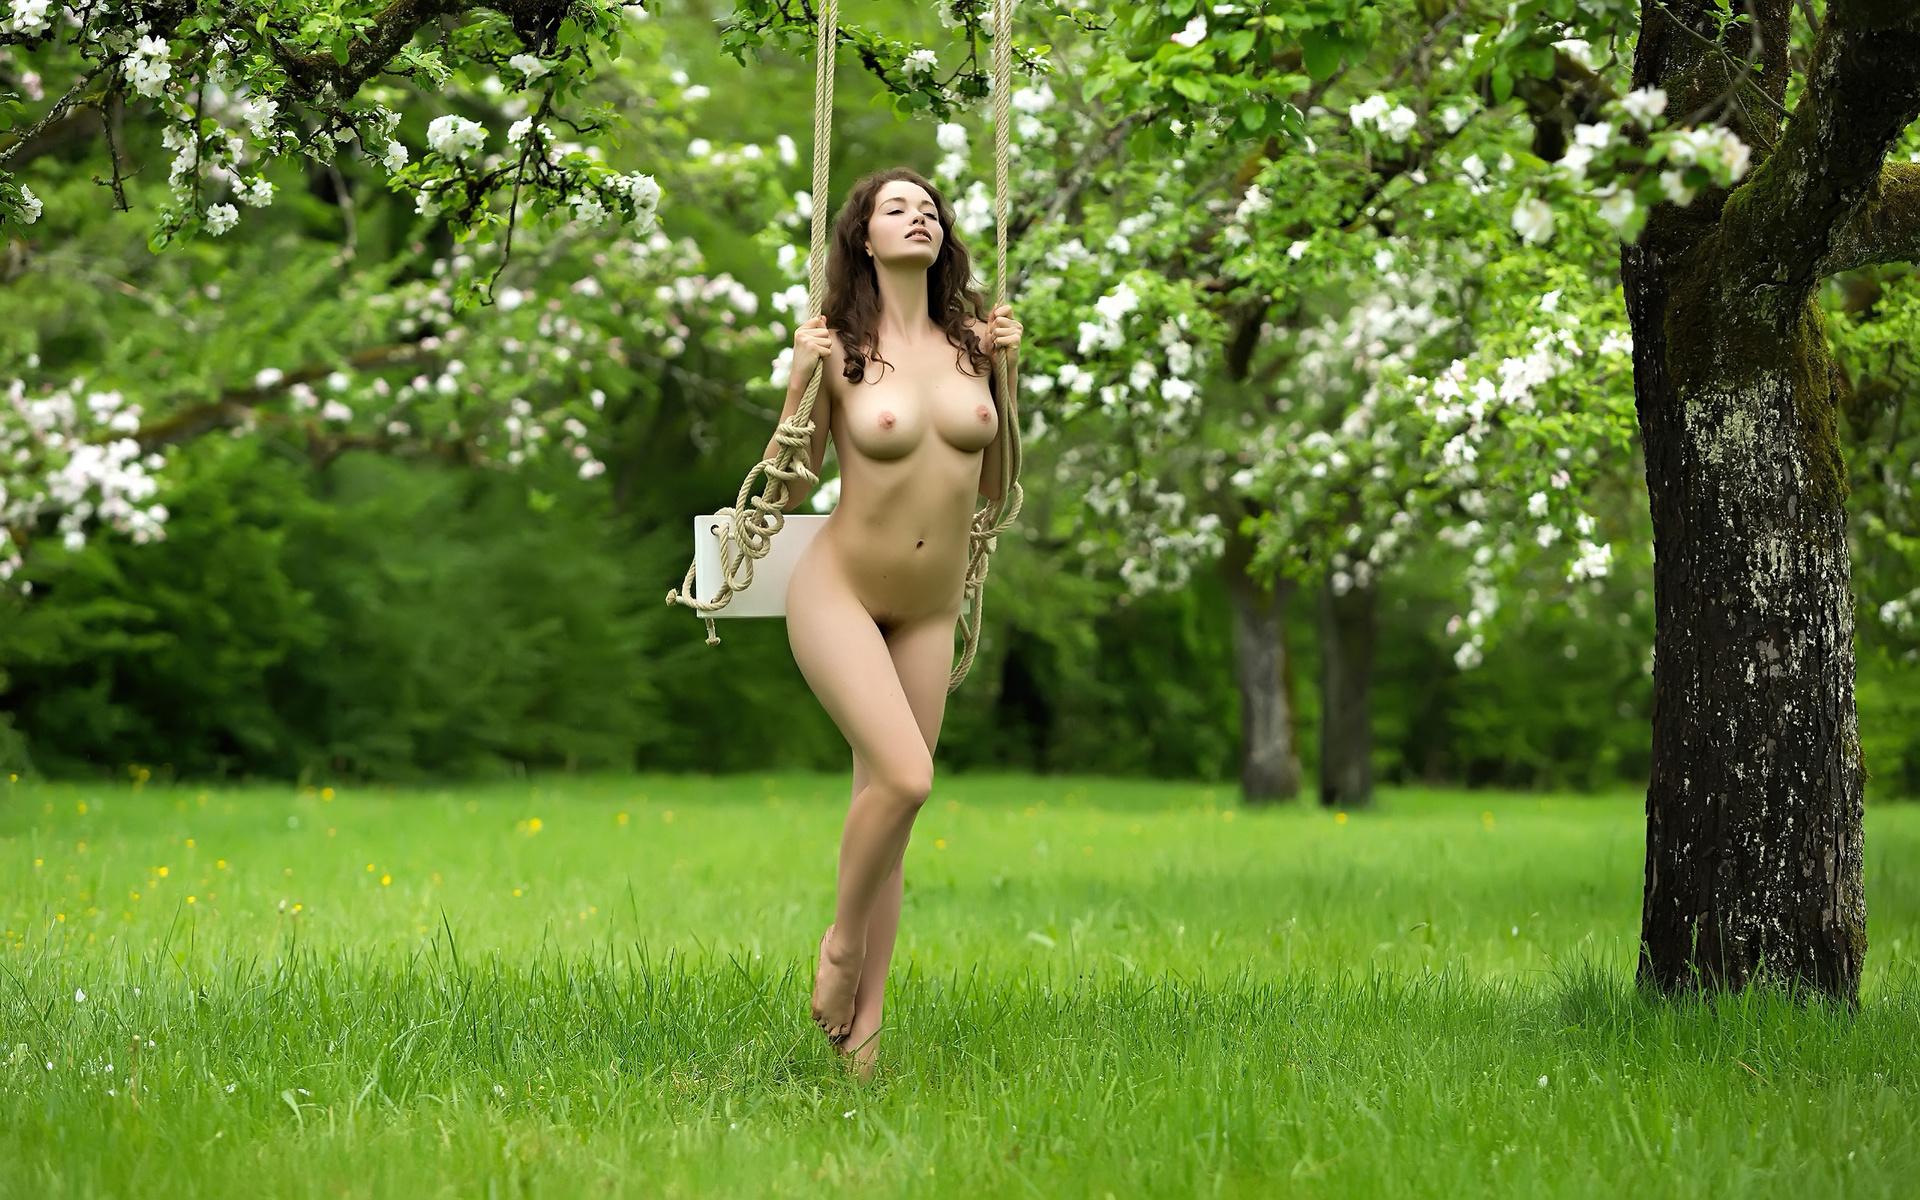 голая красотка в саду парень почувствовал